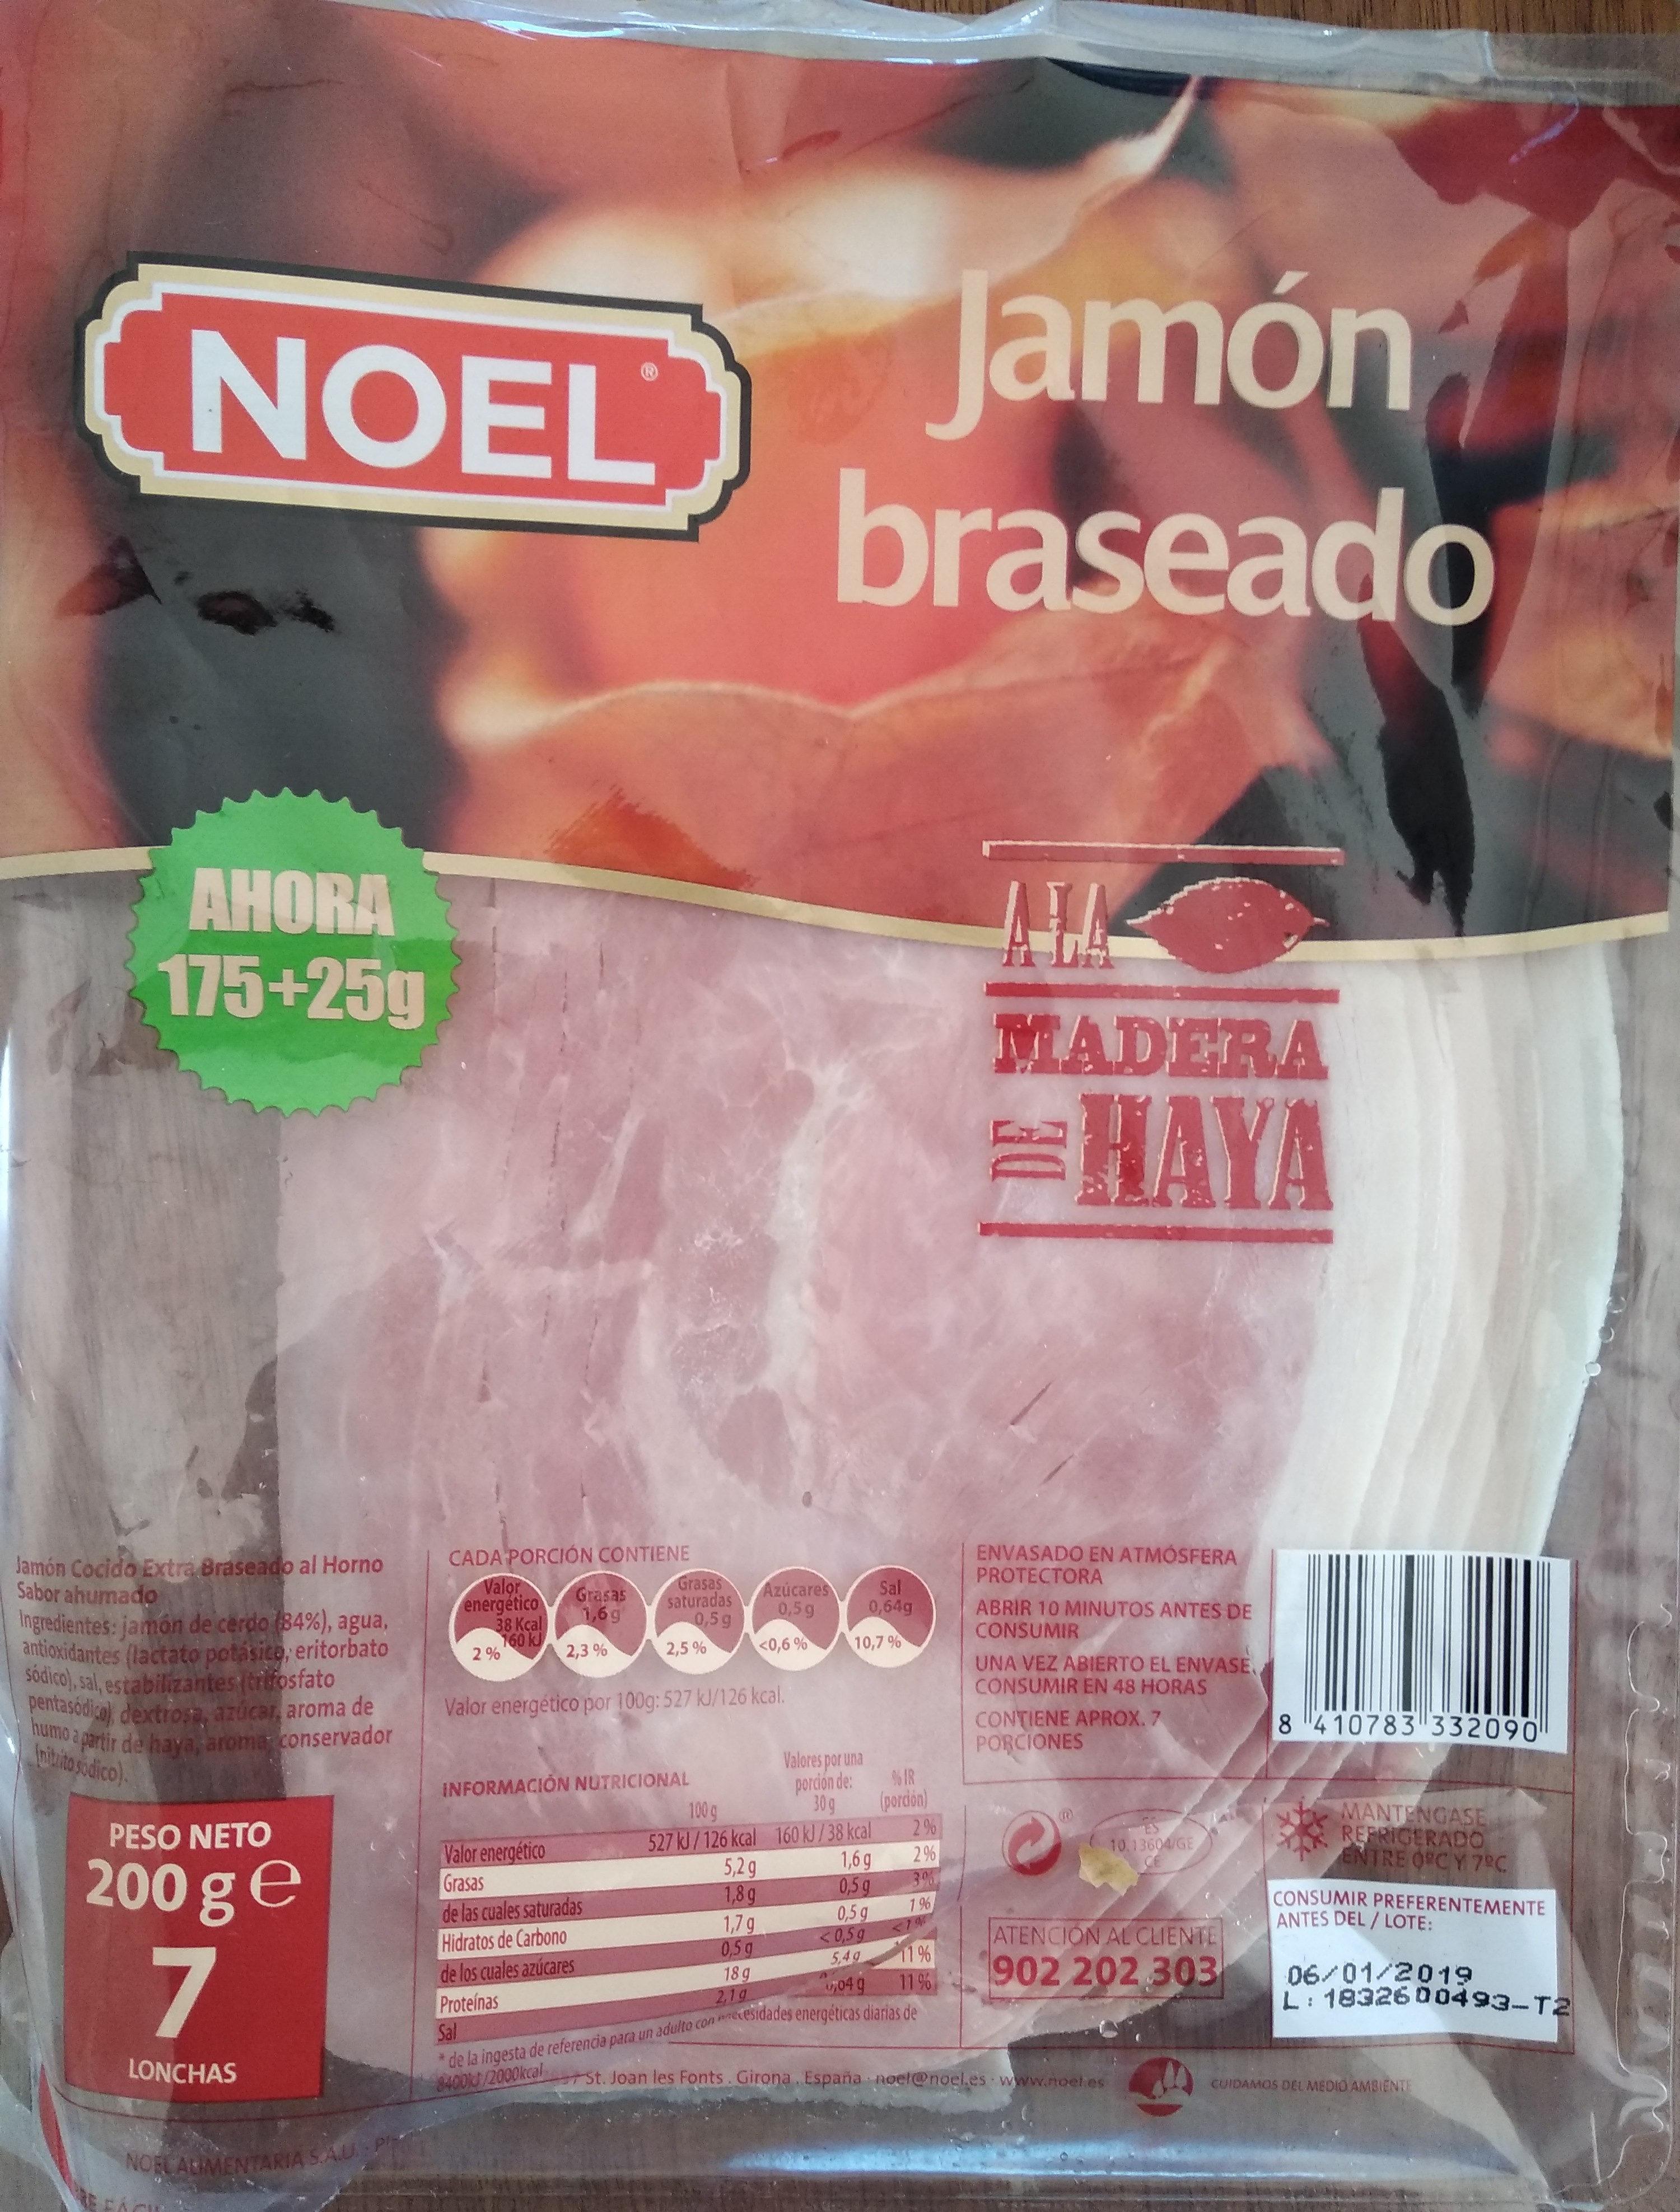 Jamón braseado - Producte - es